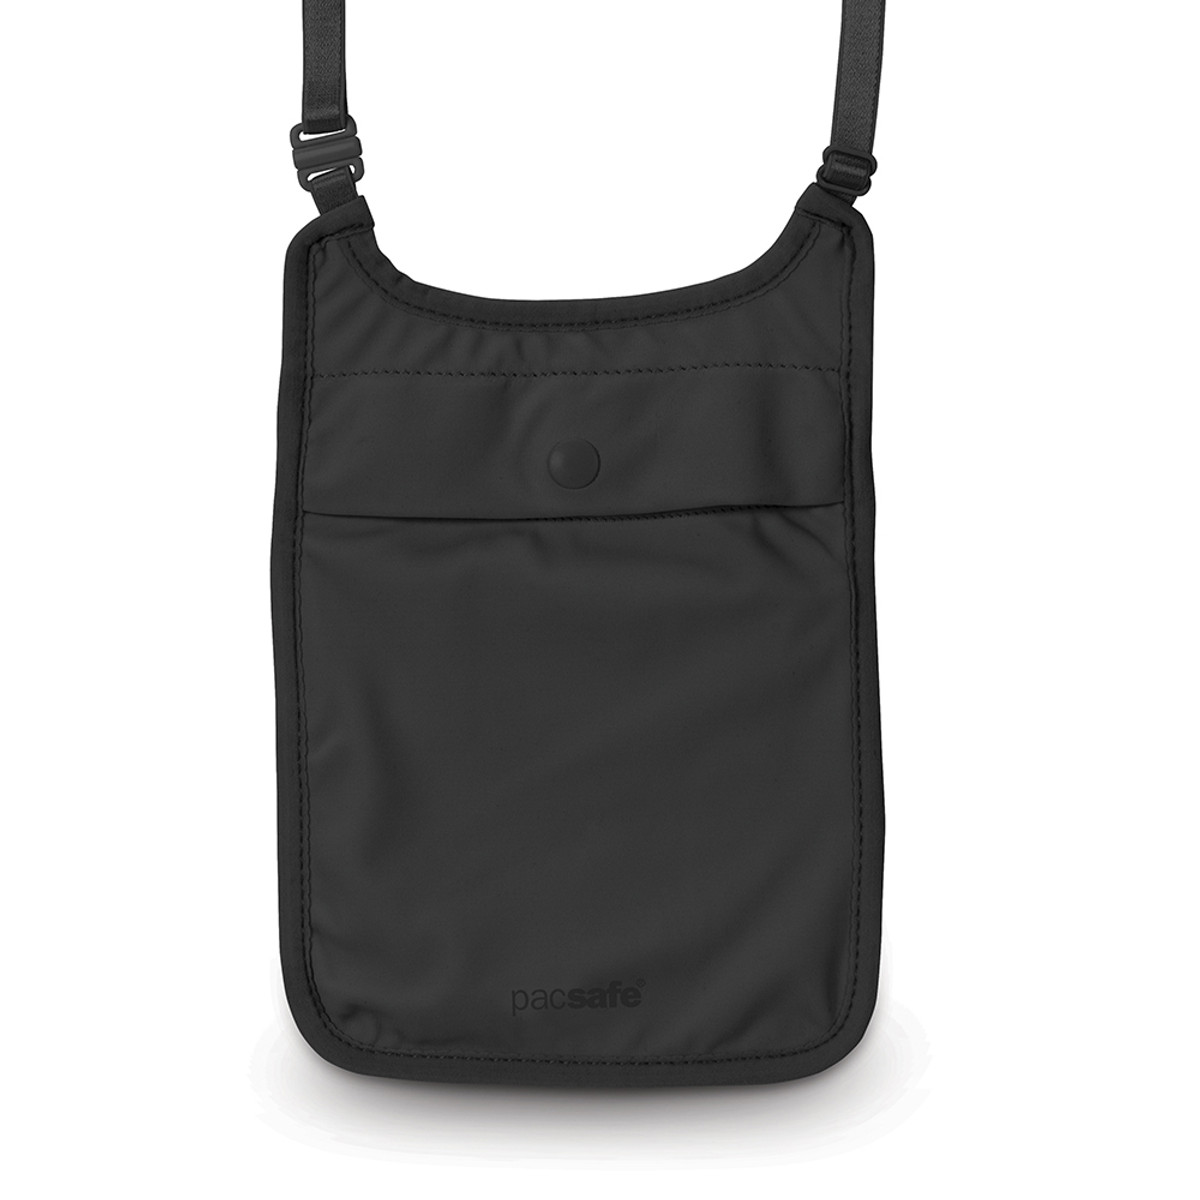 Pacsafe Coversafe S75 womens secret neck pouch